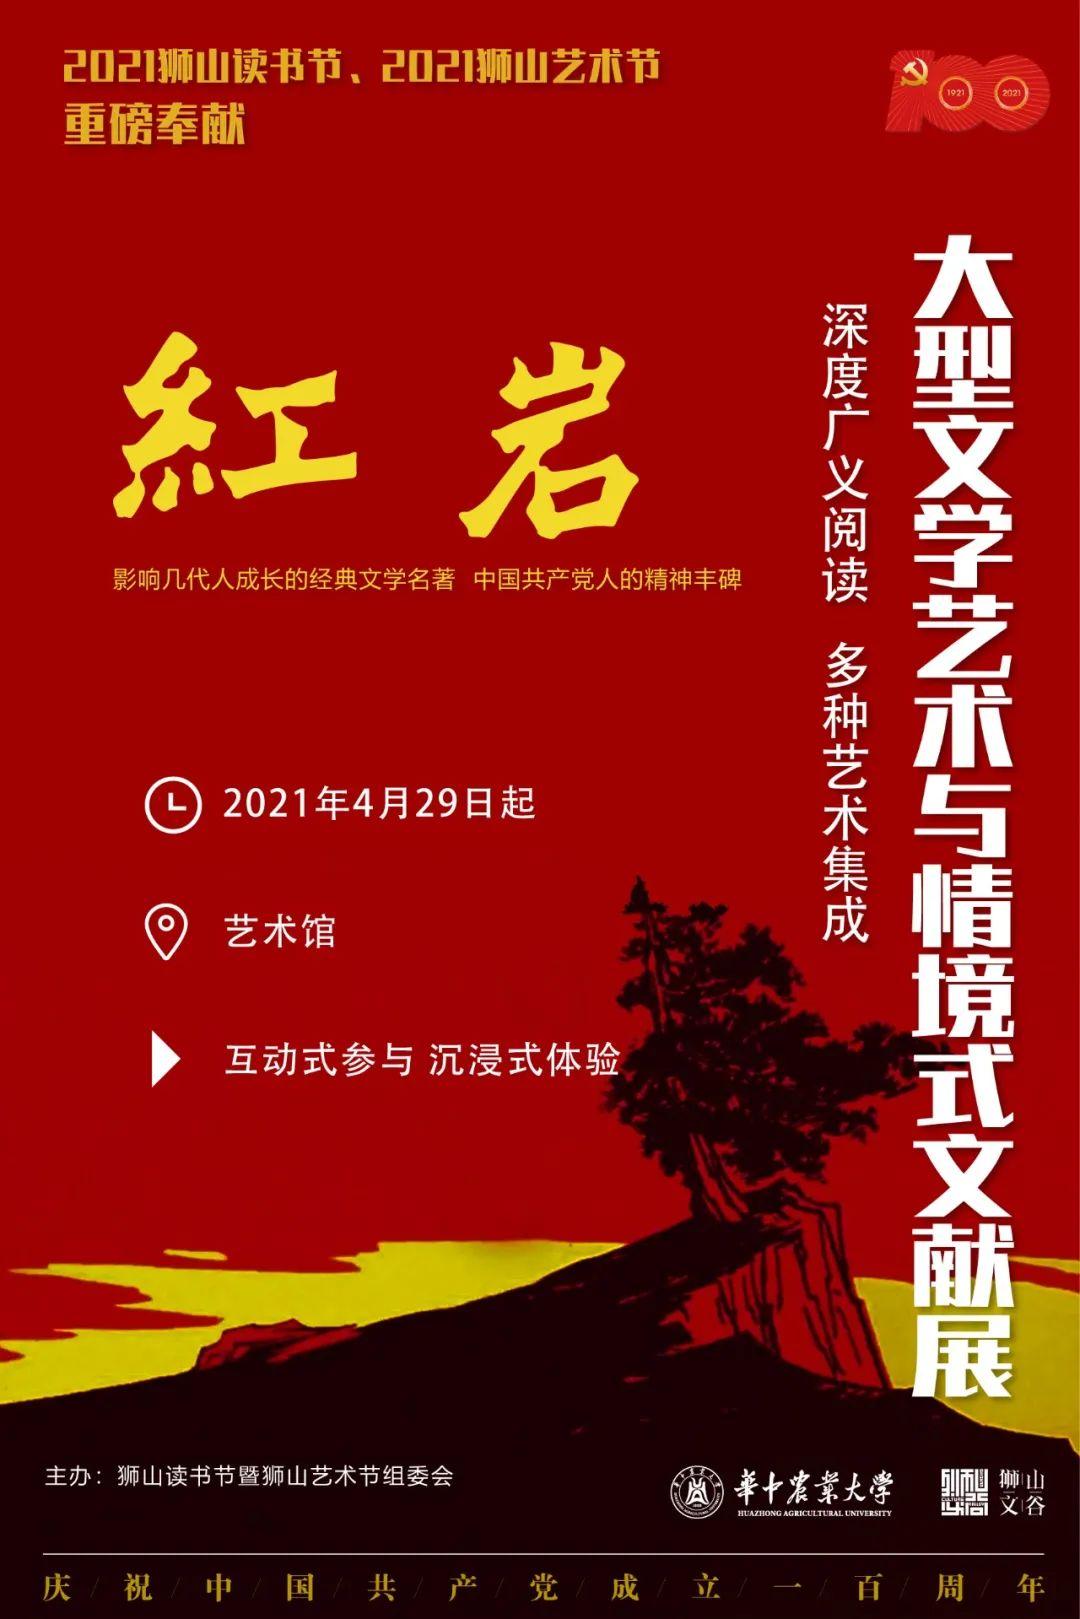 大型文学艺术与情境式文献展《红岩》明日开展!